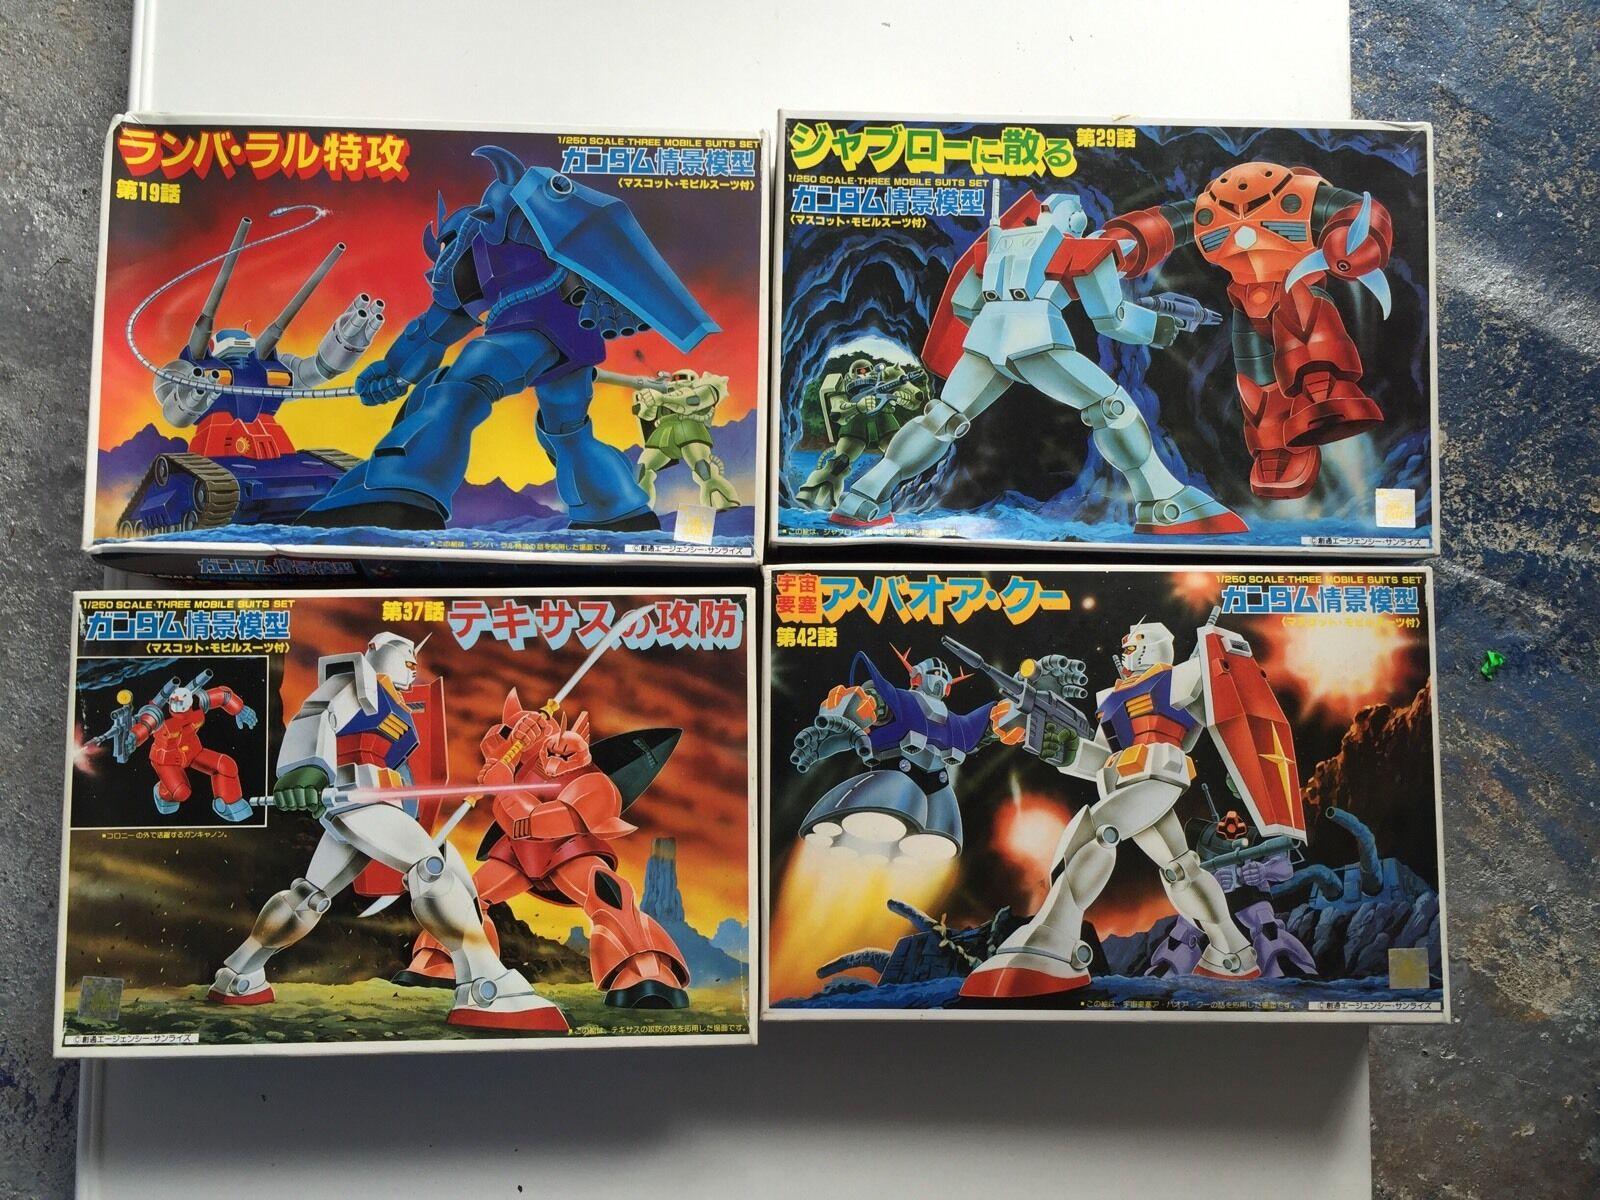 Gundam Mobile traje Model, 4 retro and Rare New, with the show Platform